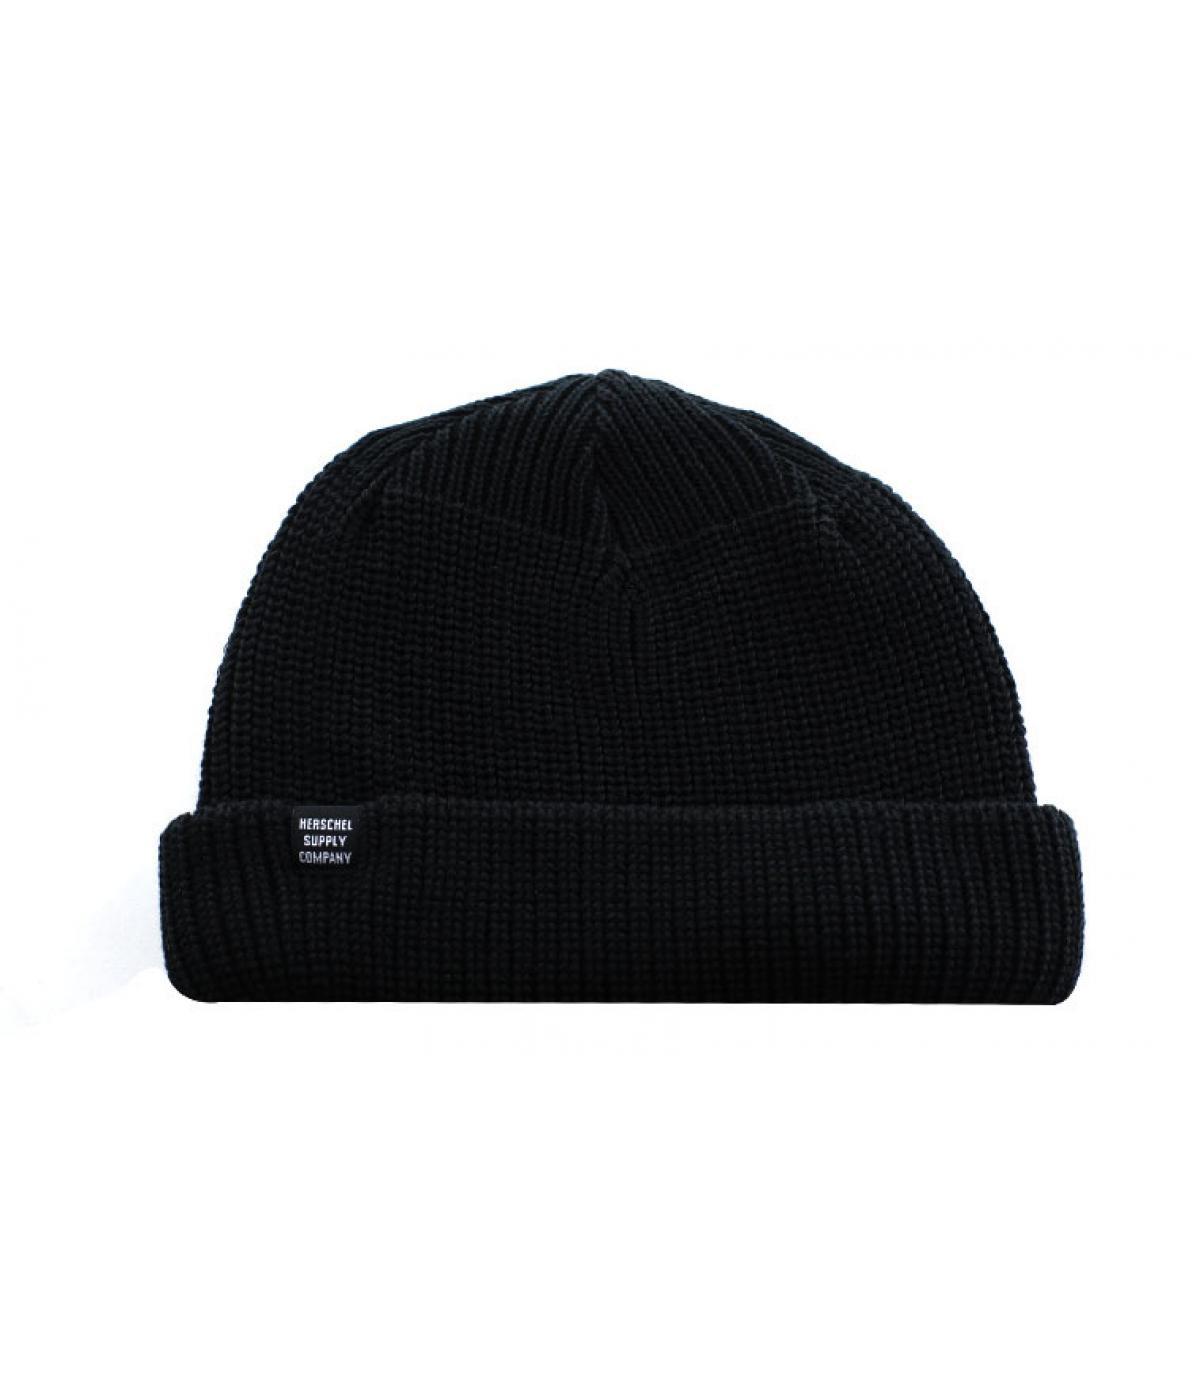 Herschel zwarte hoed docker